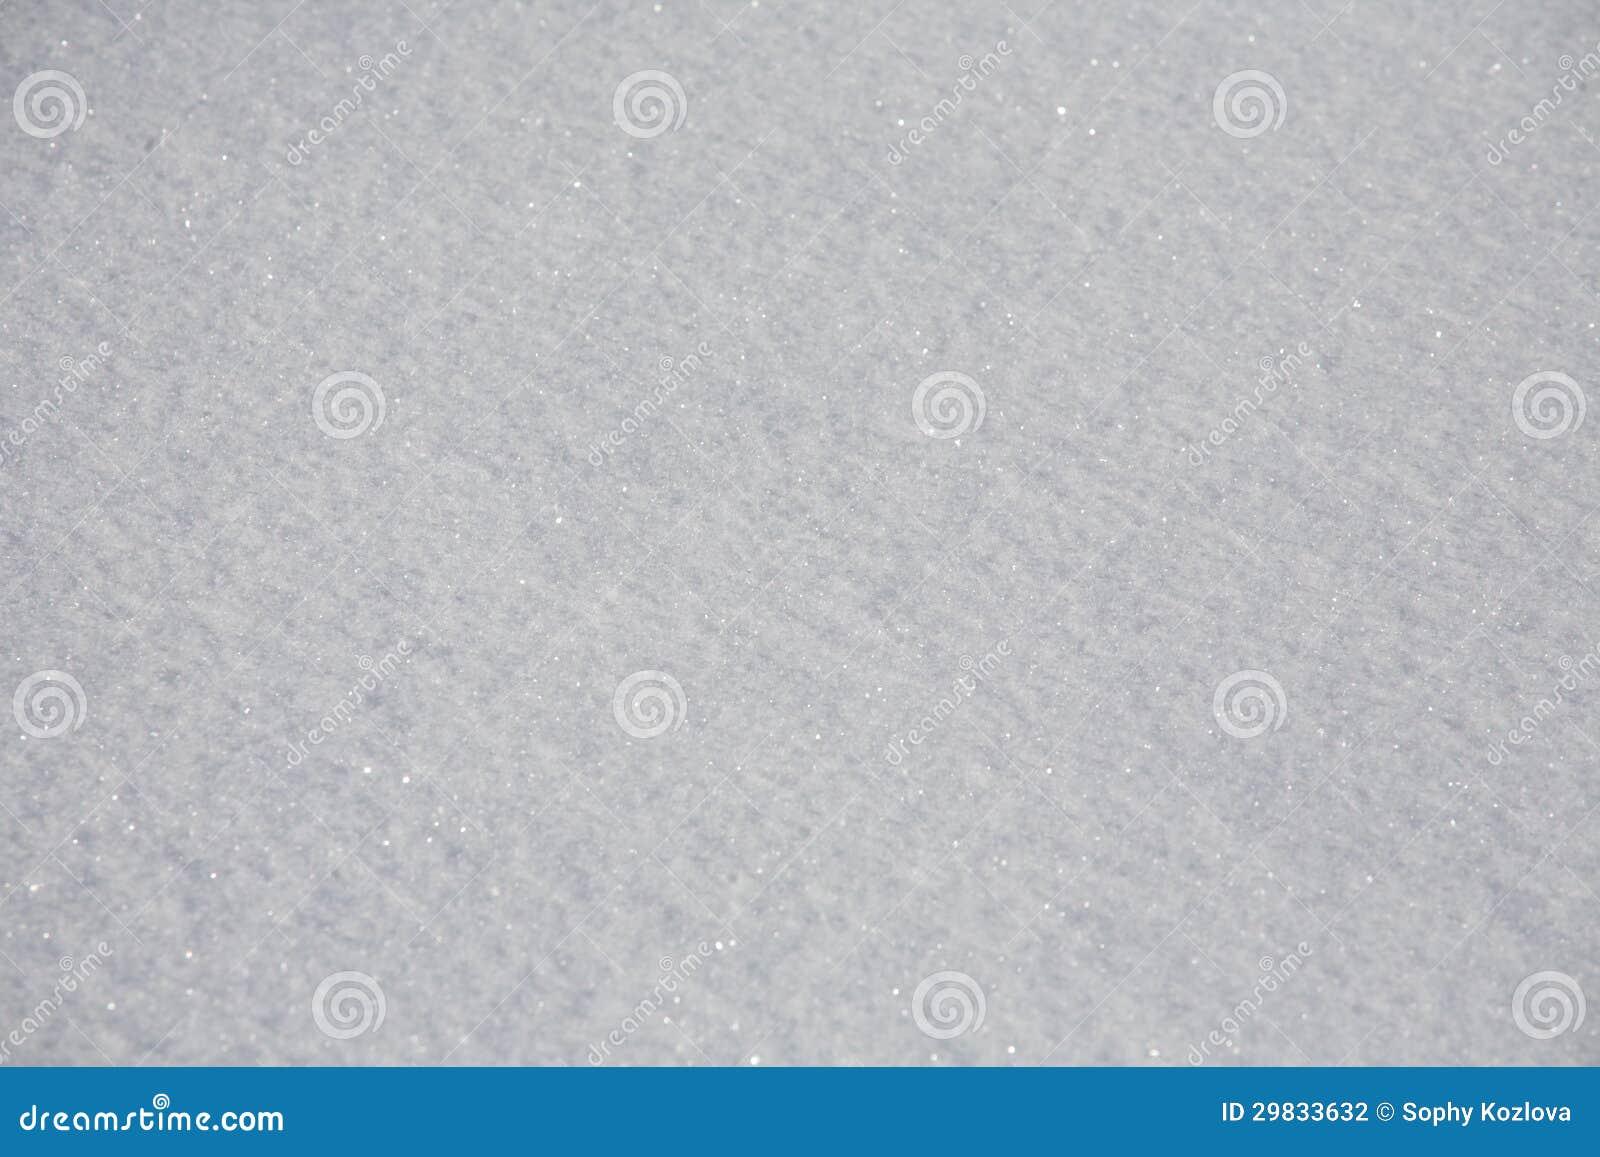 Superfície da neve